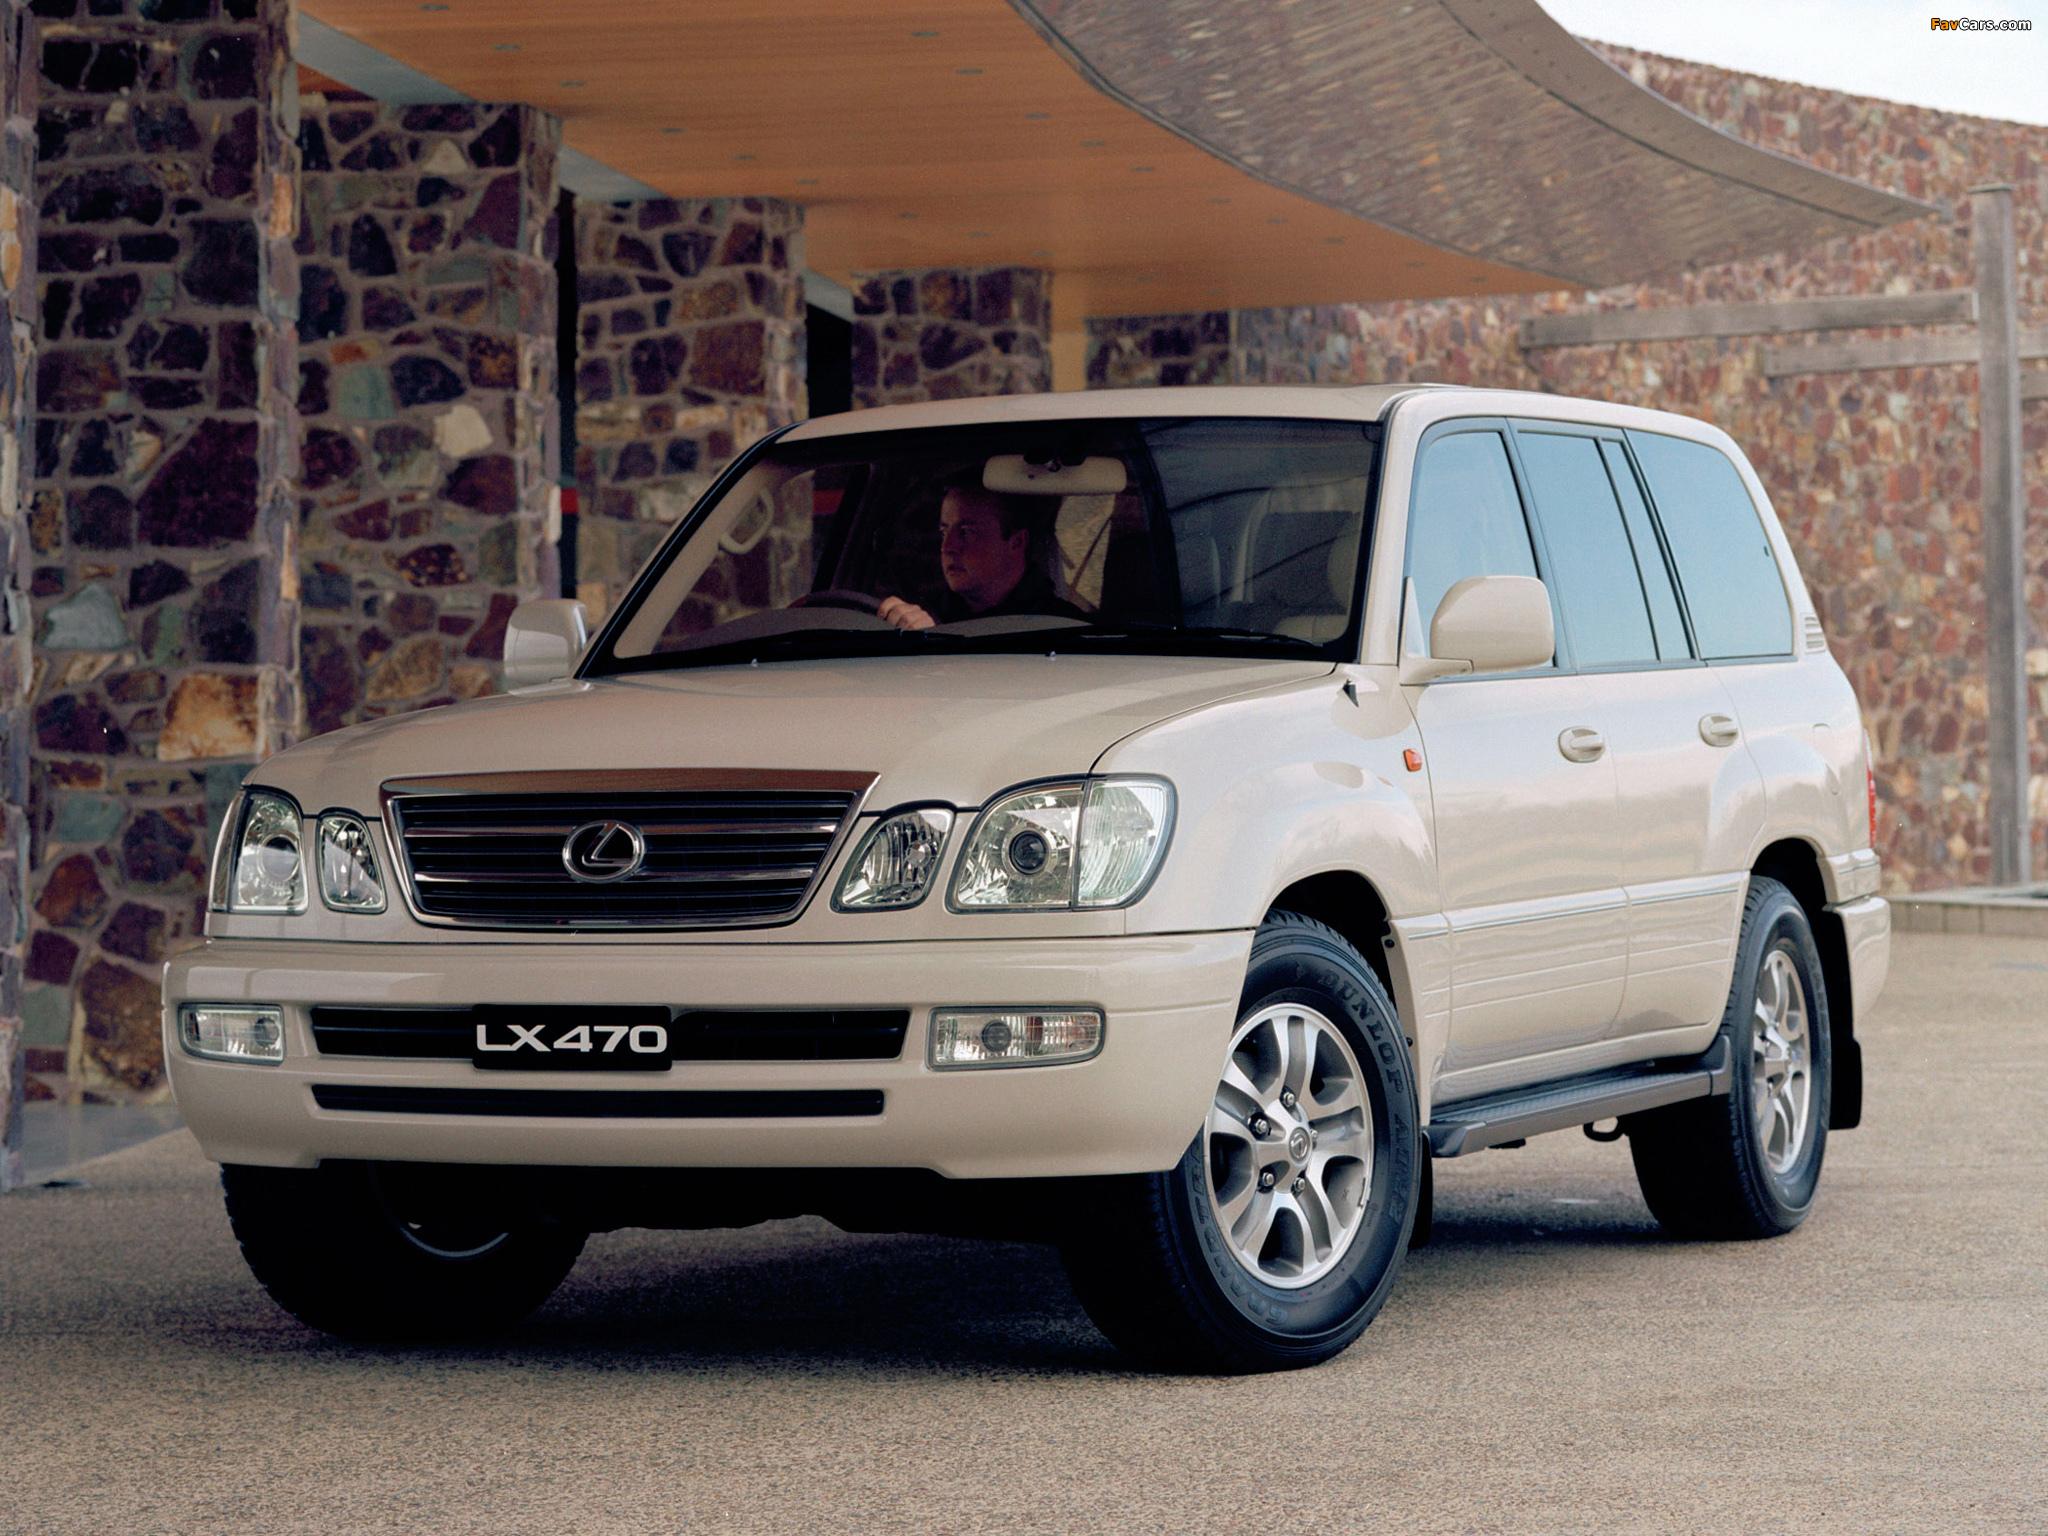 Lexus lx 470 au spec uzj100 2003 05 wallpapers 2048 x